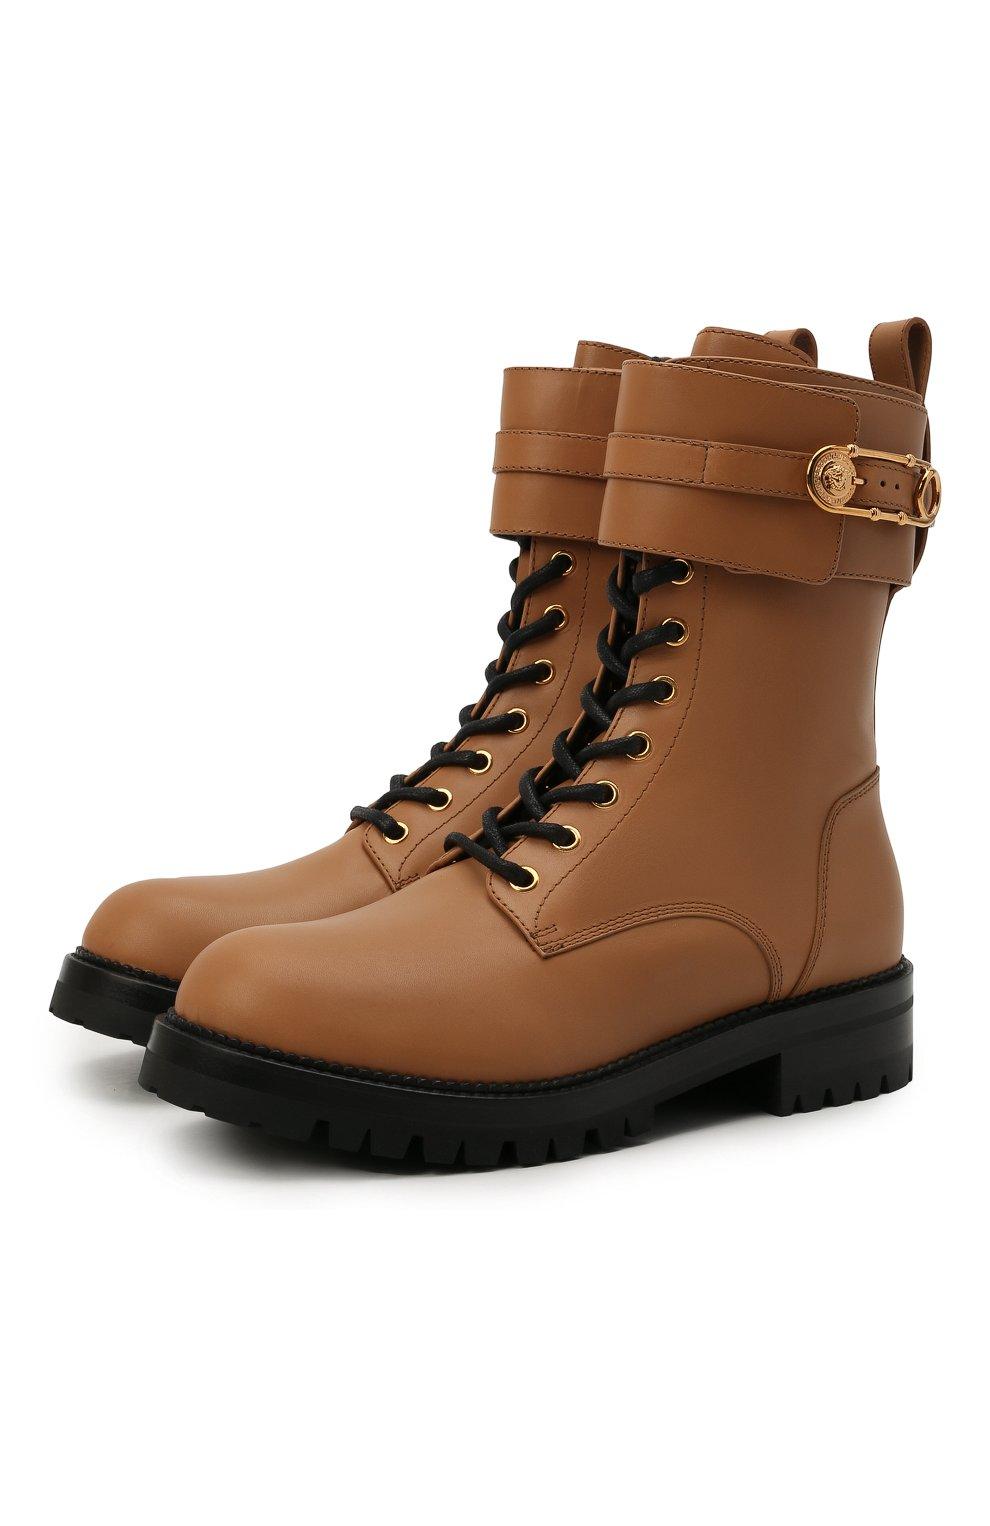 Женские кожаные ботинки VERSACE светло-коричневого цвета, арт. DST419E/DVTA3 | Фото 1 (Подошва: Платформа; Каблук высота: Низкий; Материал внутренний: Натуральная кожа; Женское Кросс-КТ: Байкеры-ботинки)